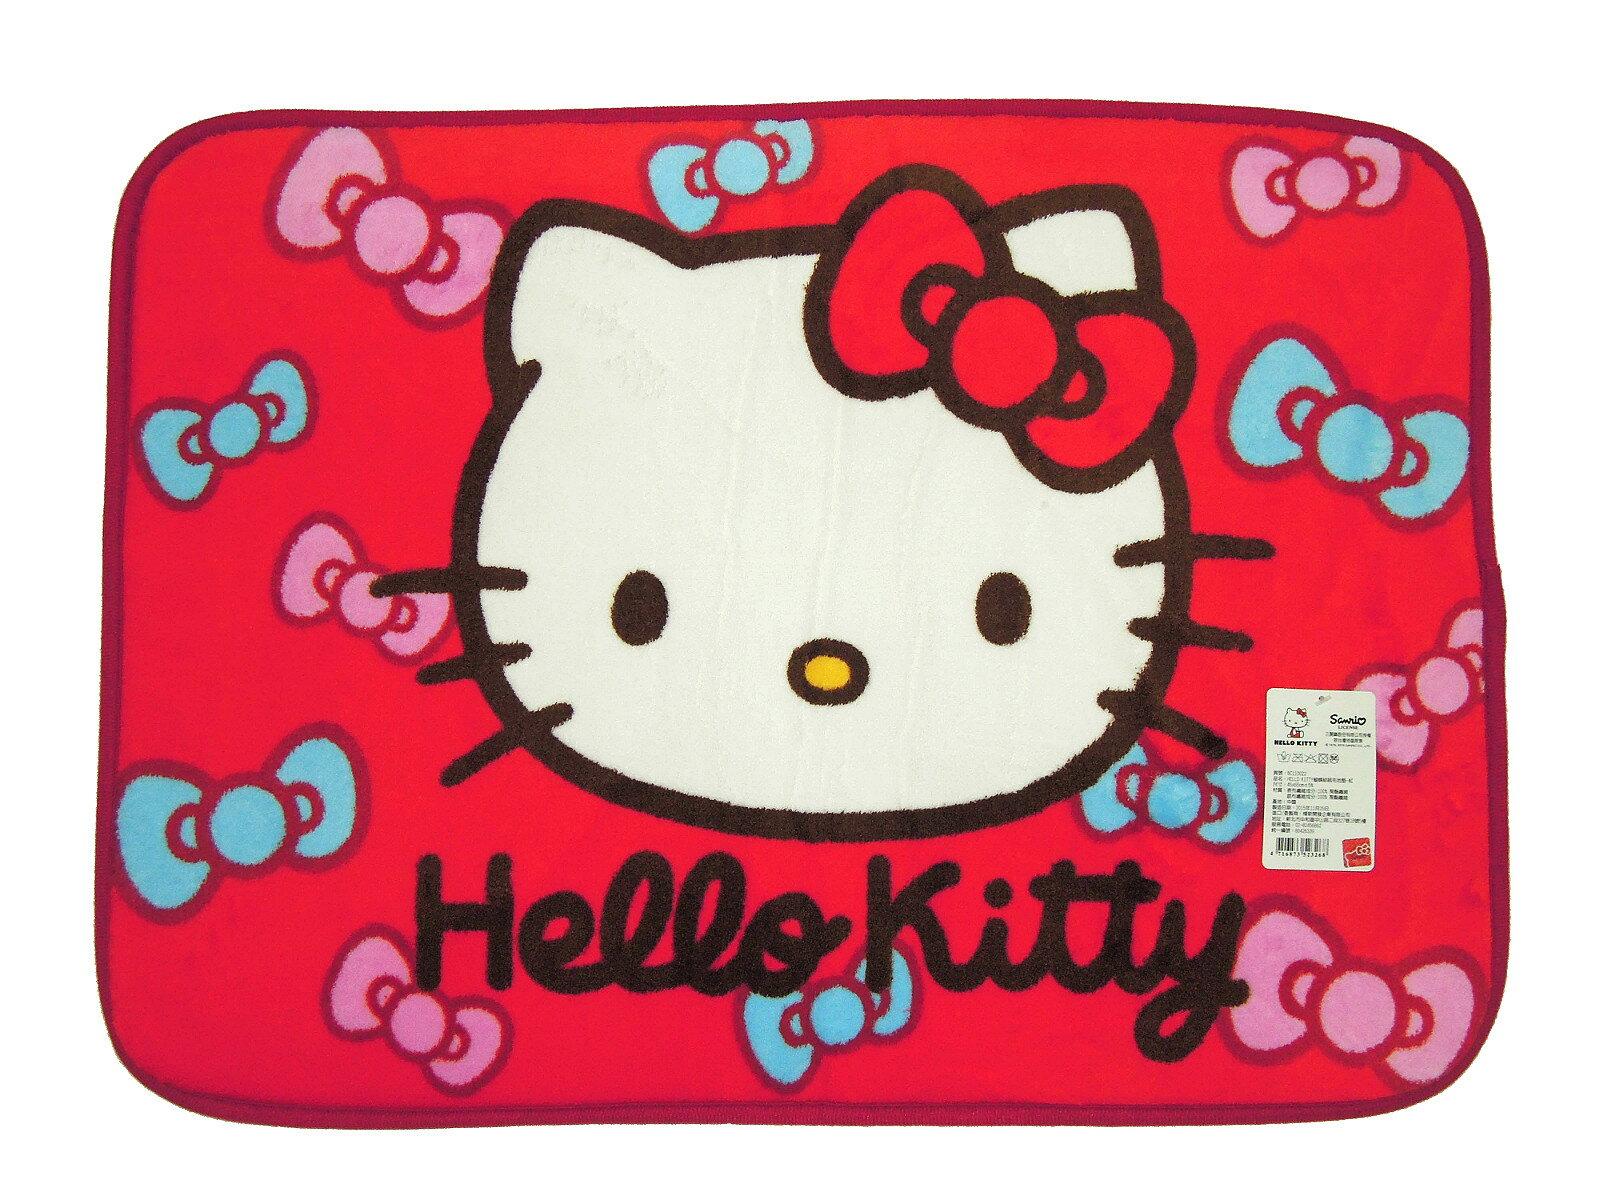 La maison生活小舖《Hello Kitty軟毛地墊腳踏墊》大紅色蝴蝶結繽紛圖案 吸水防滑 觸感柔軟地墊/軟墊/腳踏墊/止滑墊/吸水墊/軟毛墊